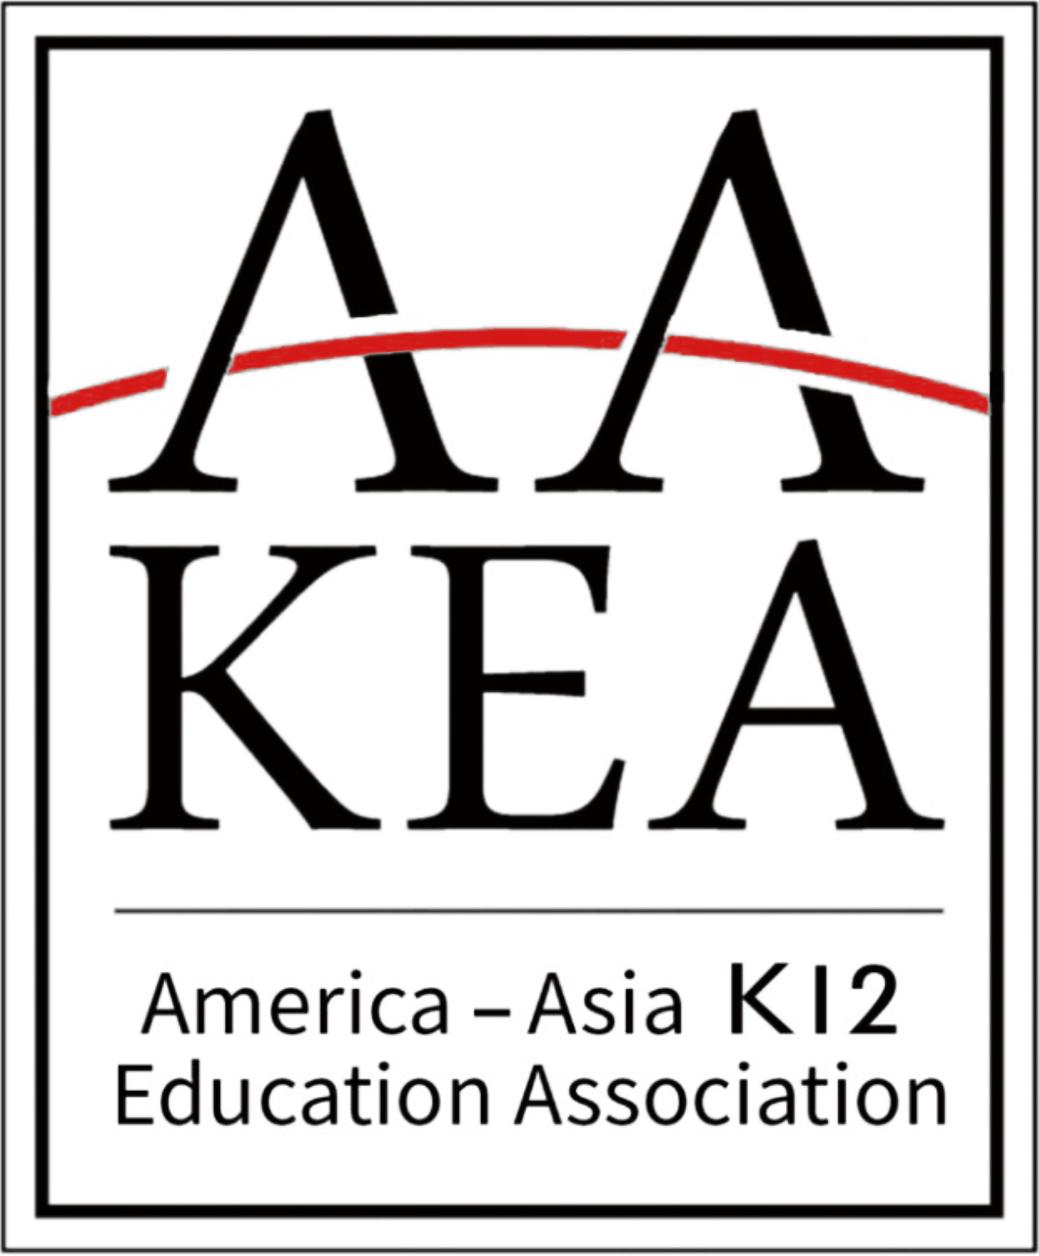 美亚K12教育交流协会